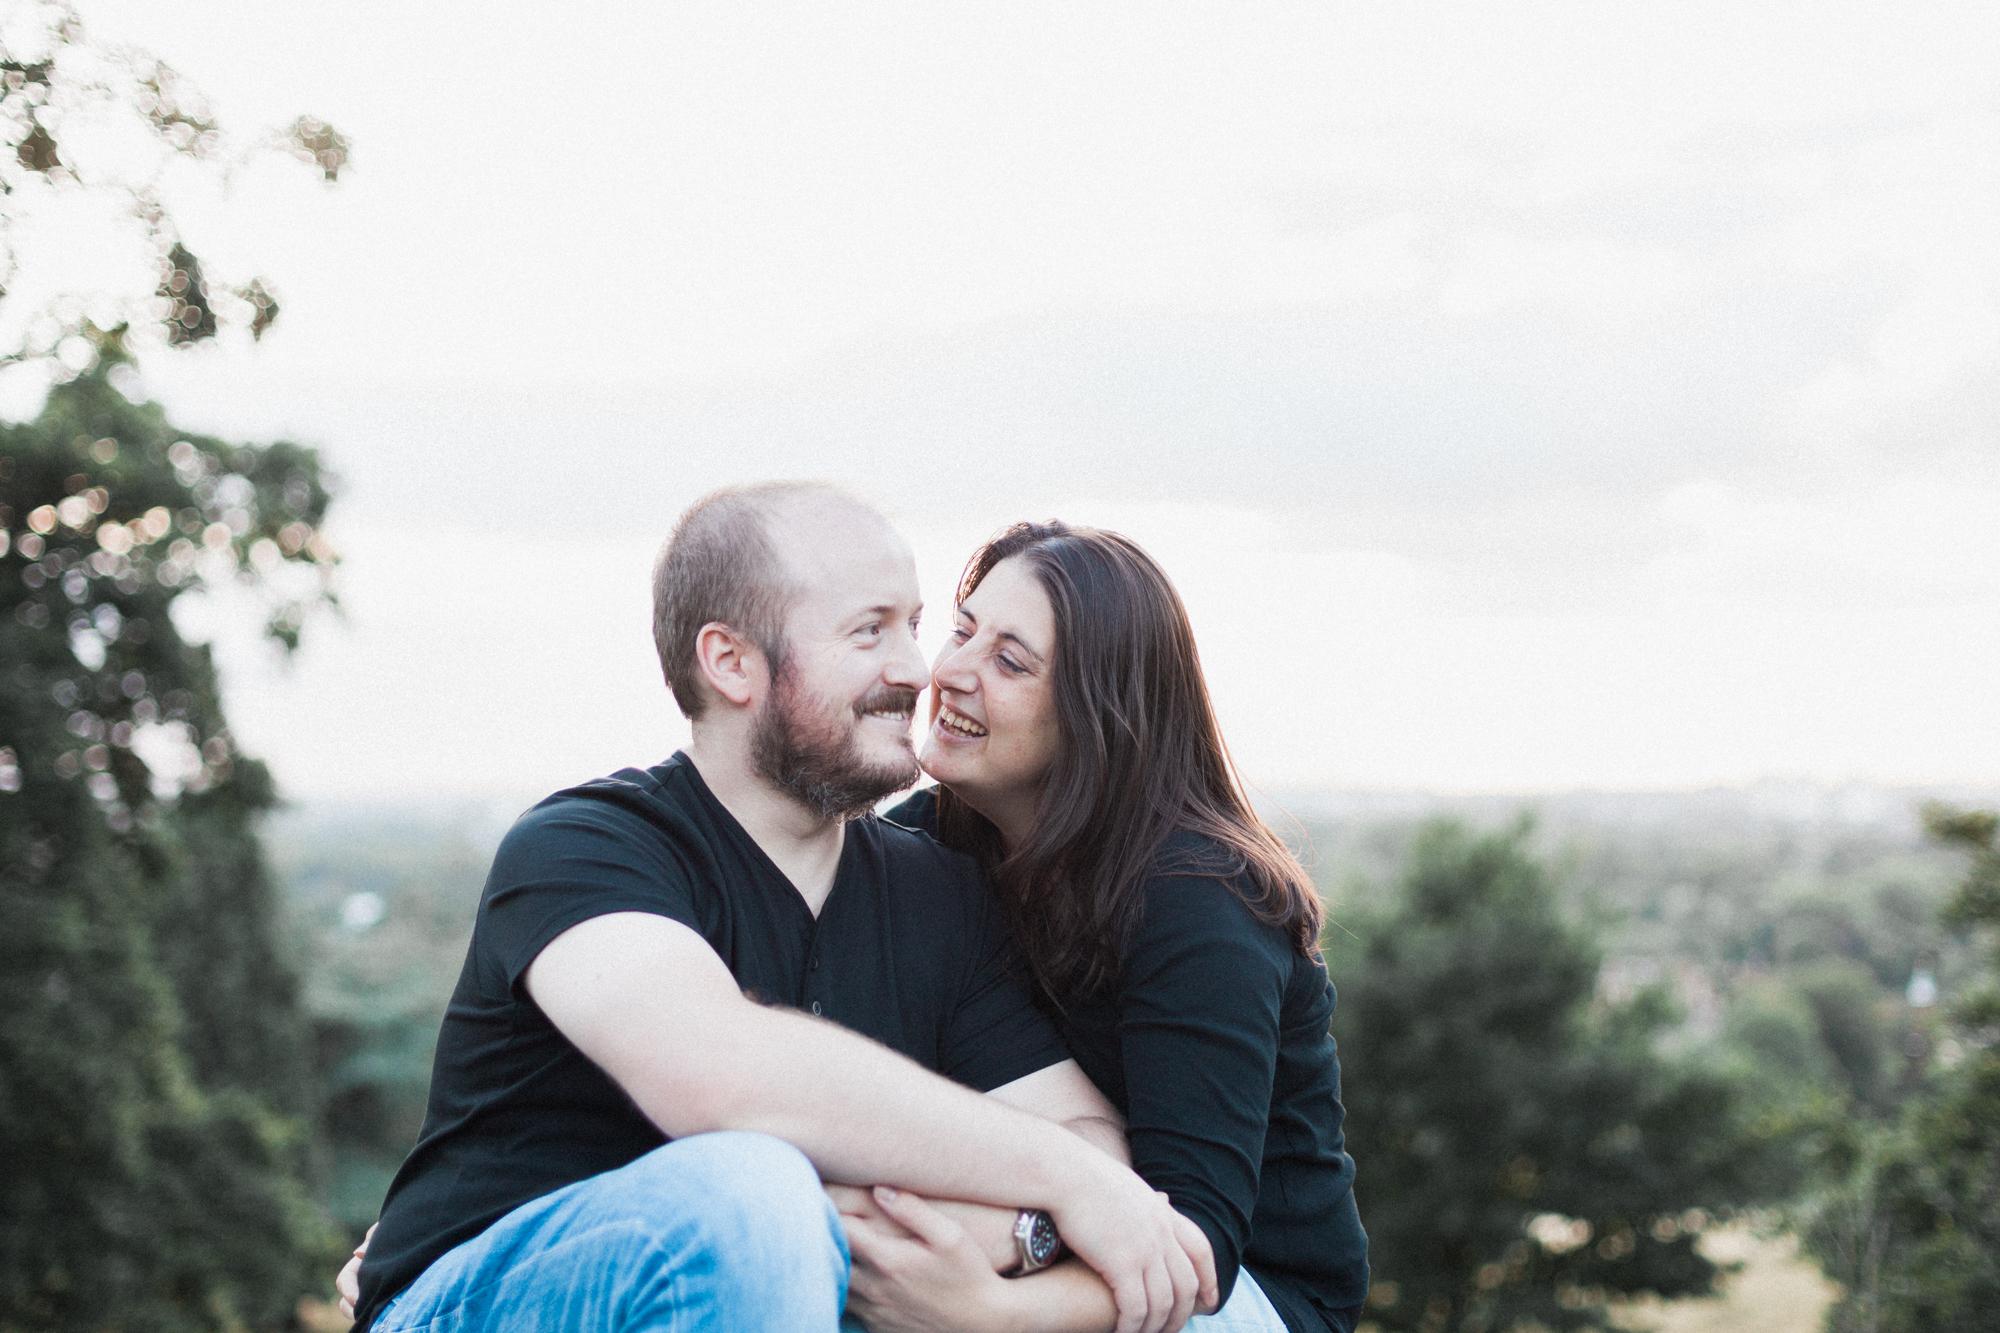 lovecandice-rob-stacey-richmond-park-1068.jpg